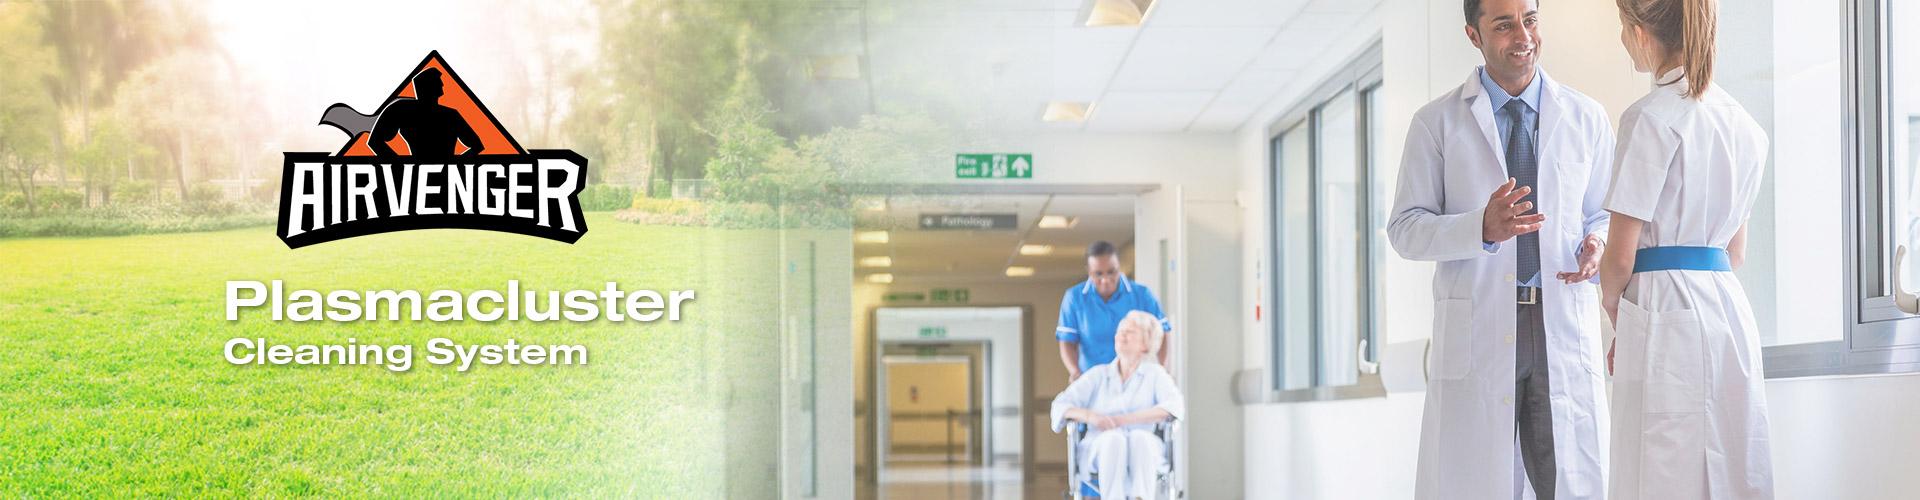 ระบบจำกัดเชื้อโรค Plasmacluster โรงพยาบาล